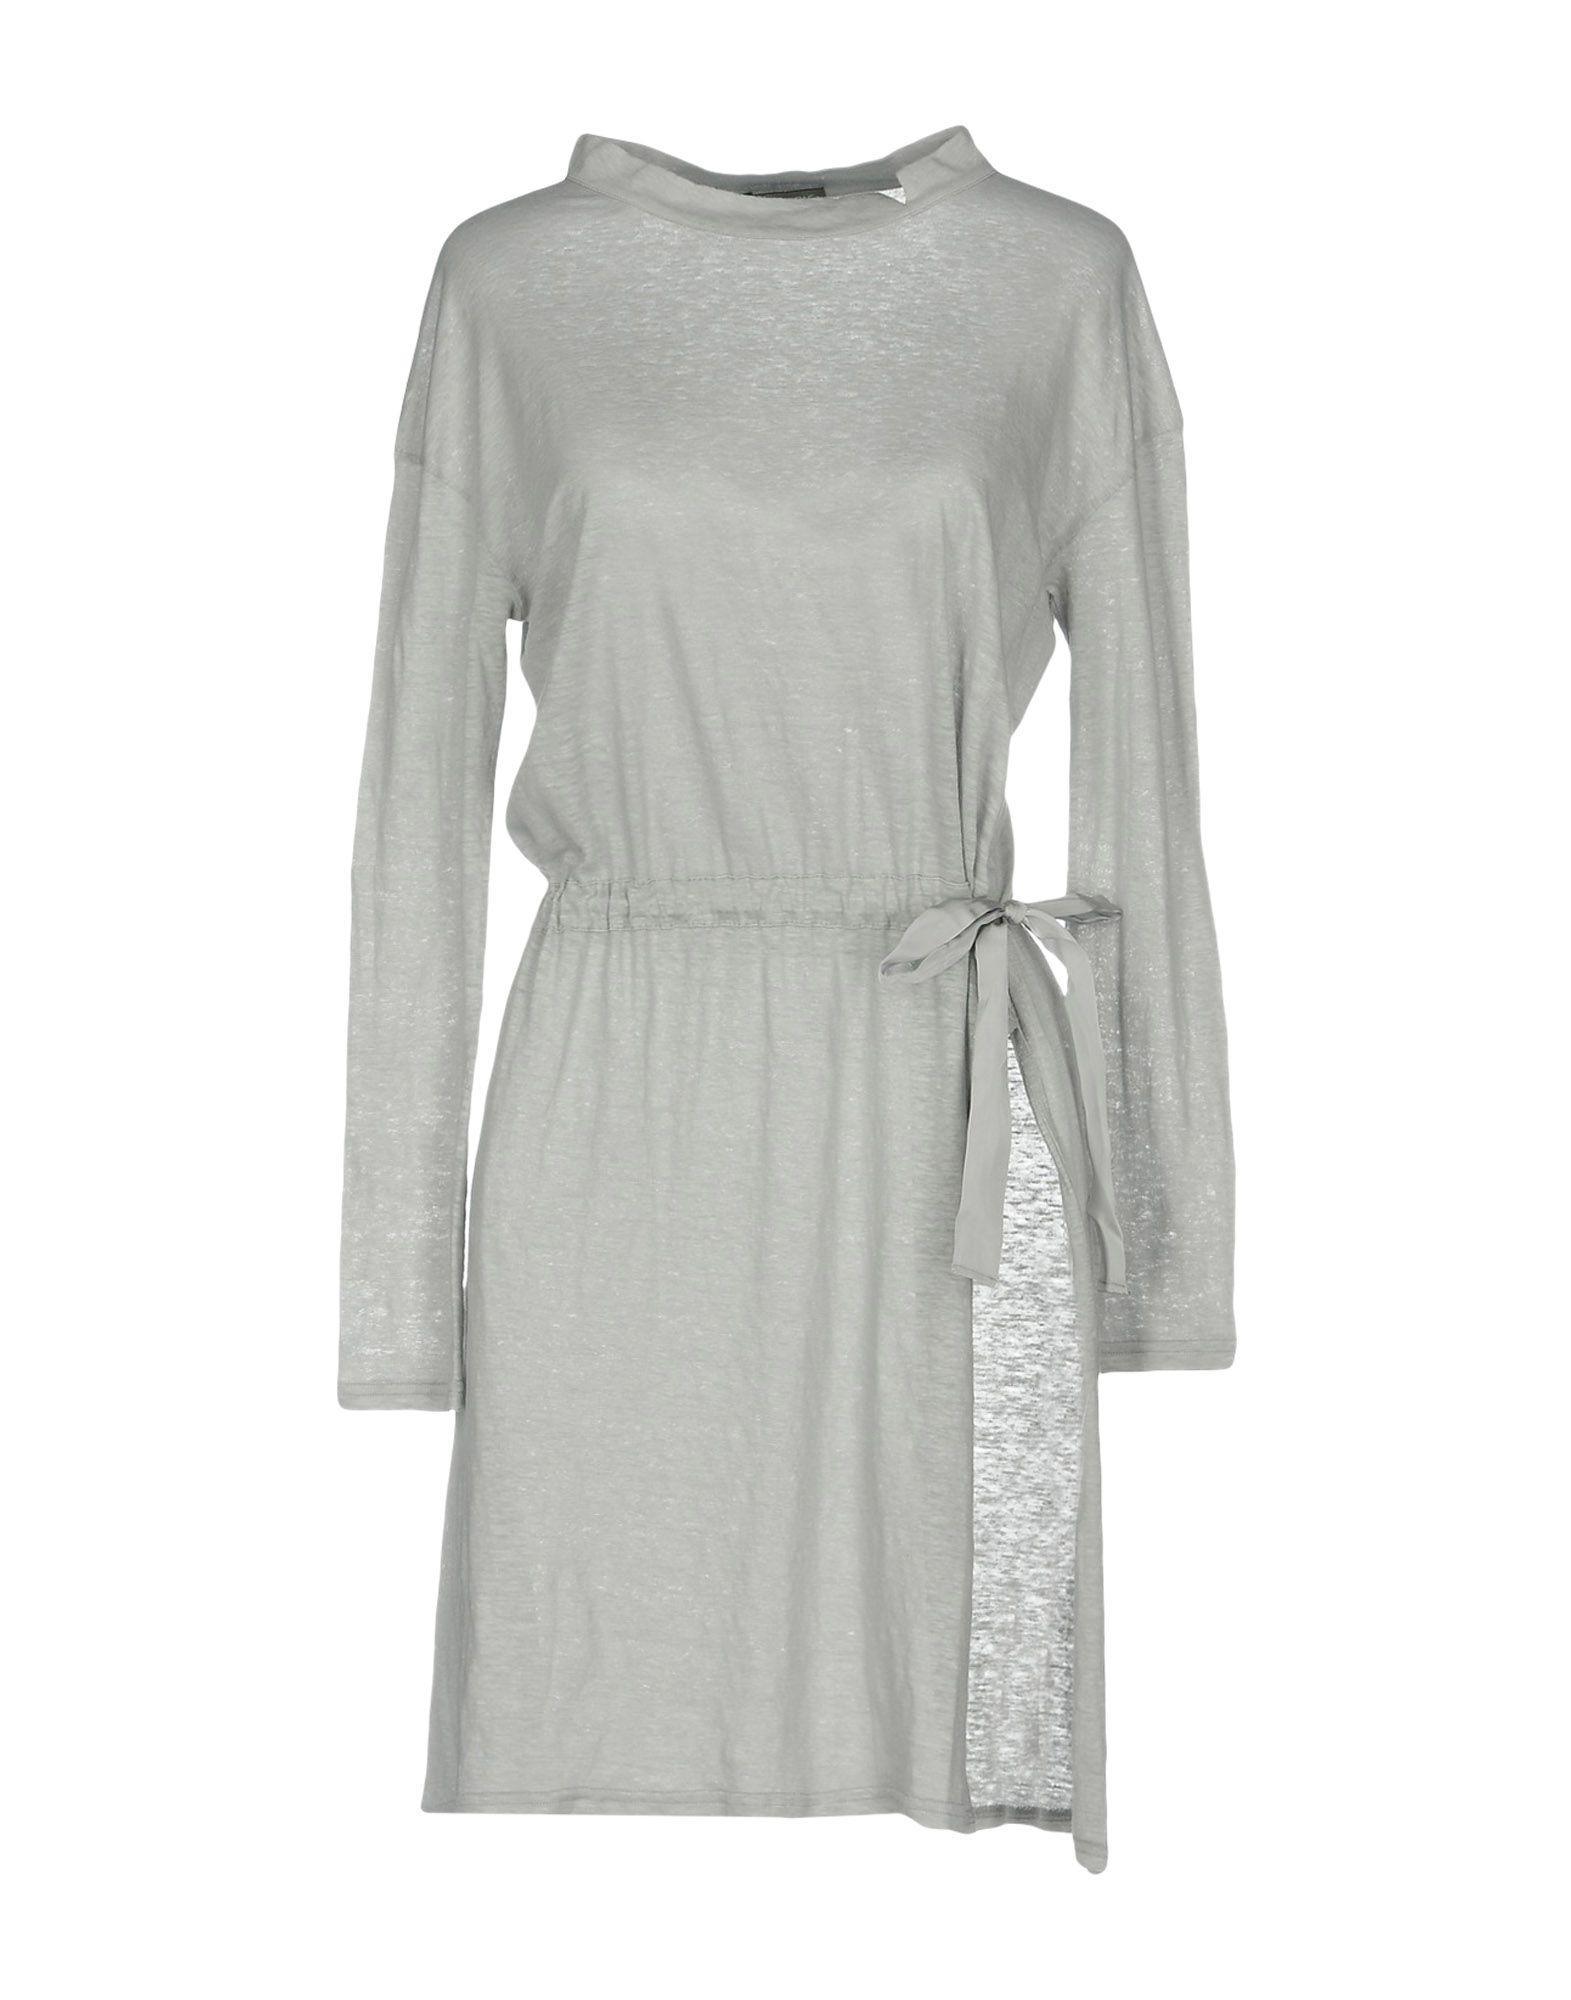 Cheap Sale View Discount 2018 Unisex DRESSES - Short dresses Scaglione Hot Sale Cheap Online WqEqvoLF